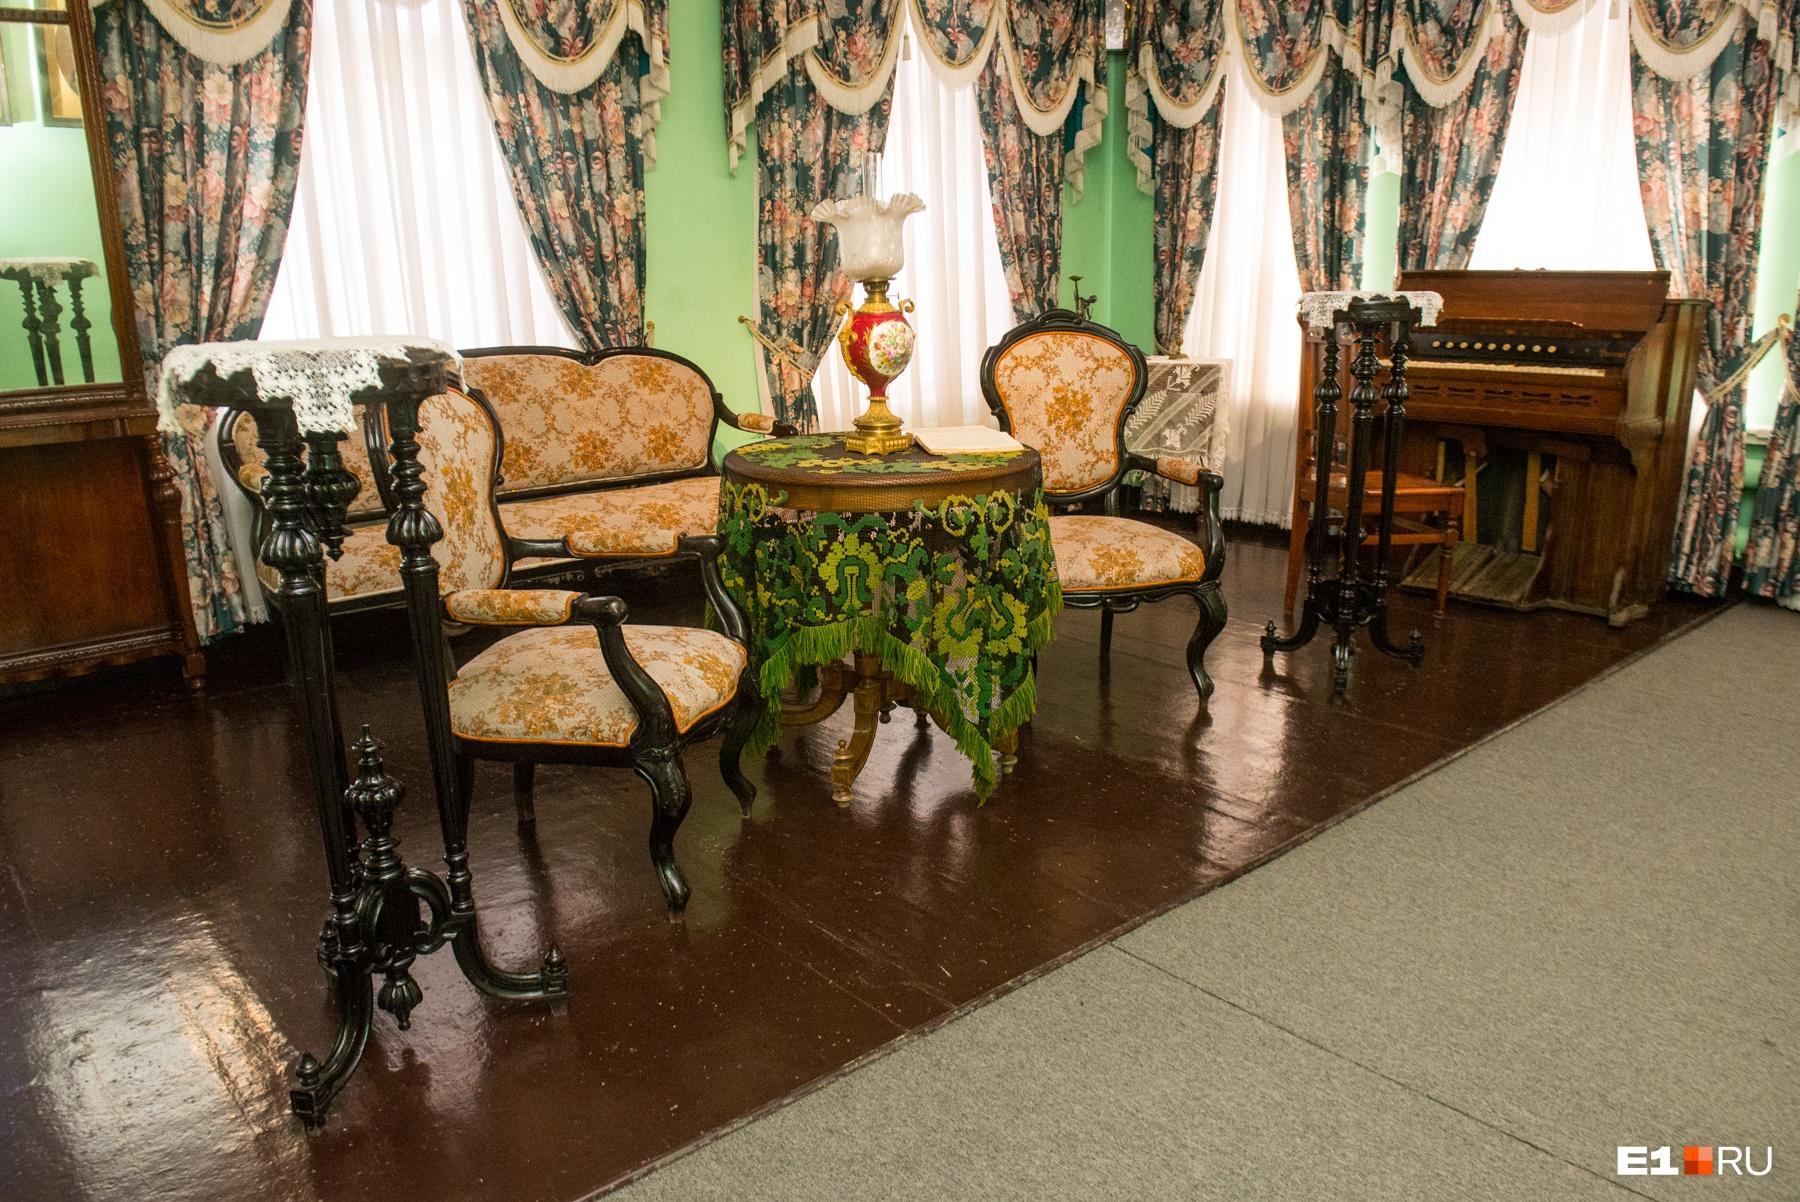 А это купеческая гостиная в стиле модерн. Шикарные комнаты!